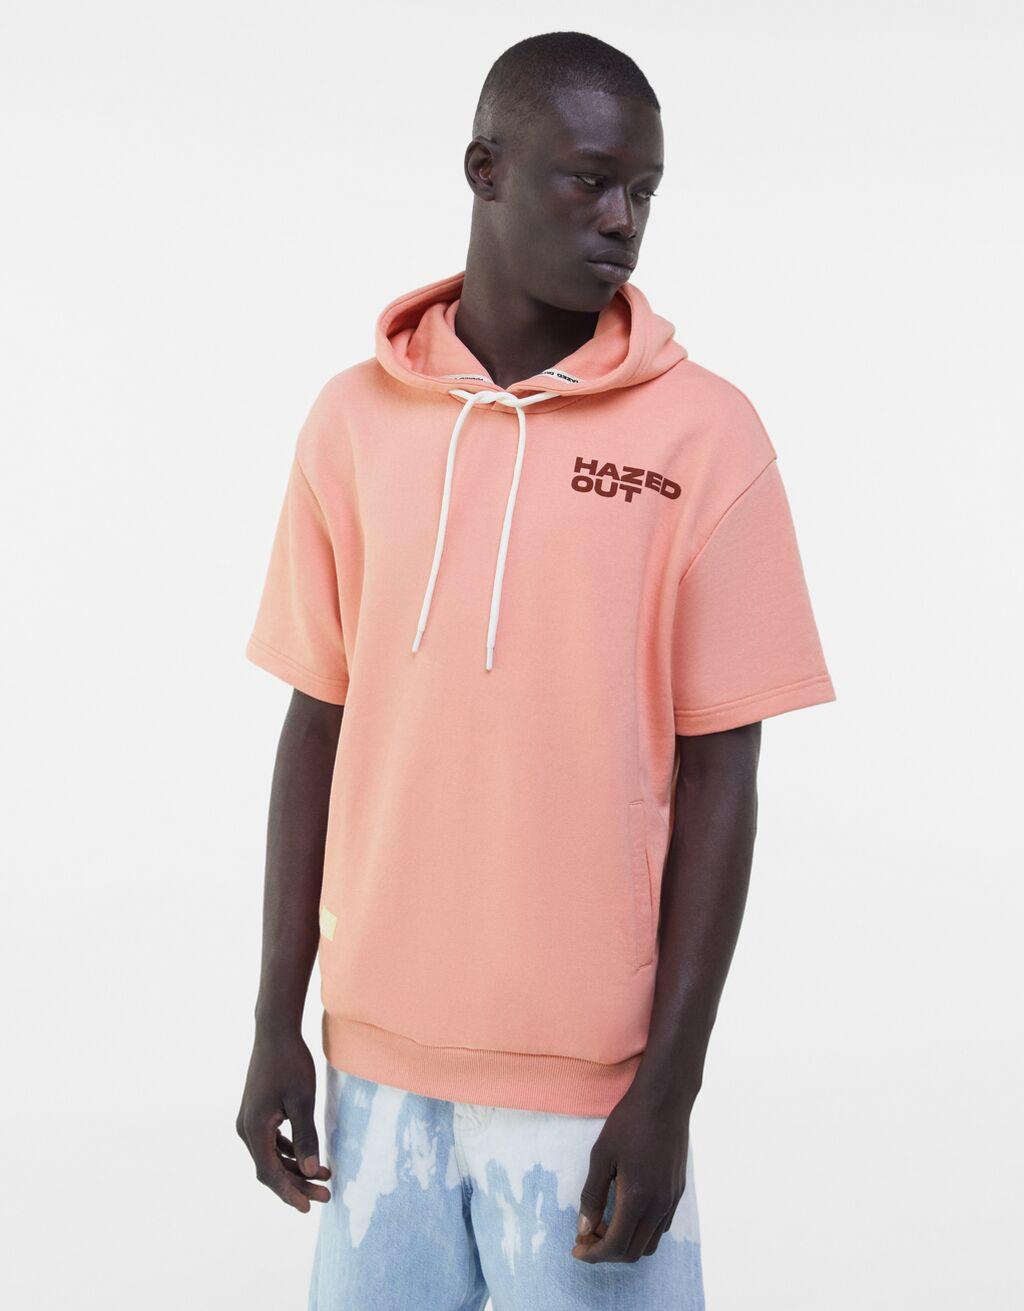 Camiseta felpa capucha color durazno con print